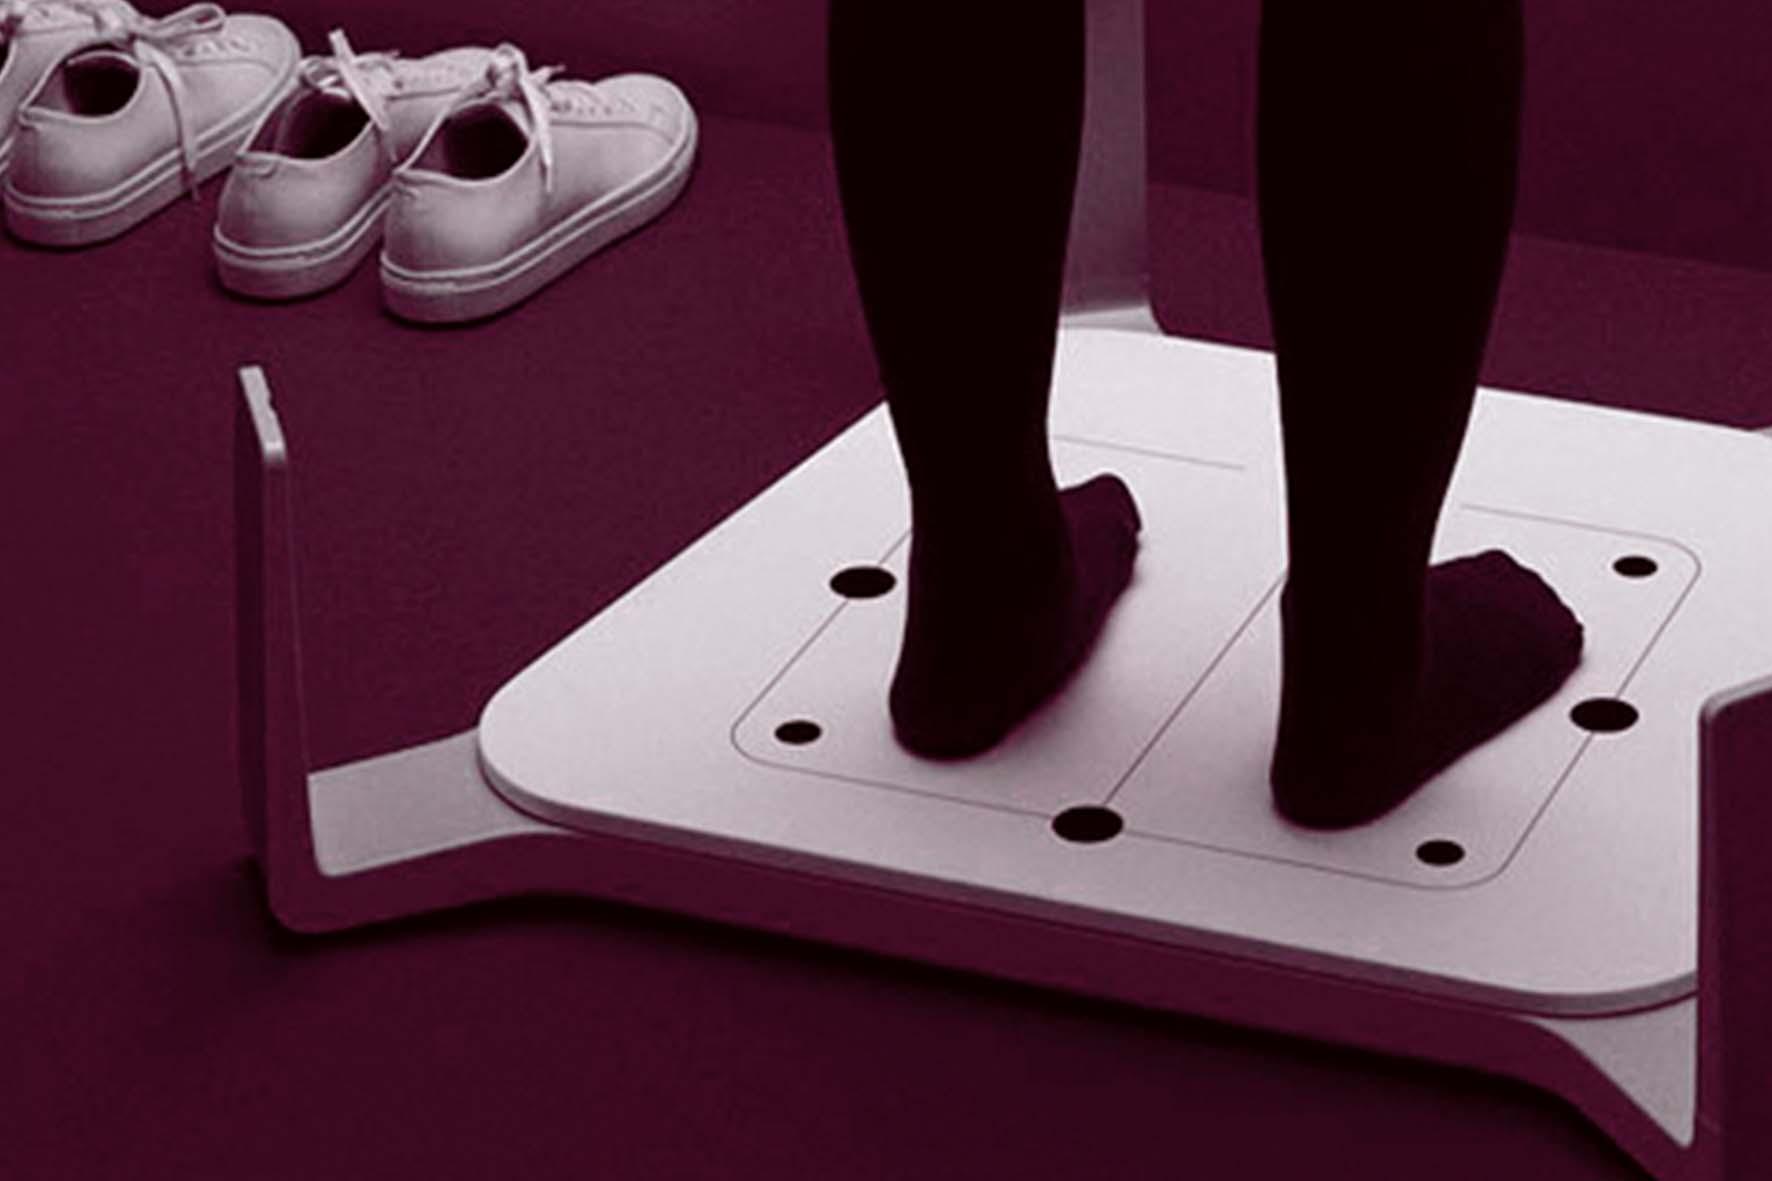 Avec la livraison Mountain Story, scannés vos pied pour un ajustement précis de votre matériel de ski.